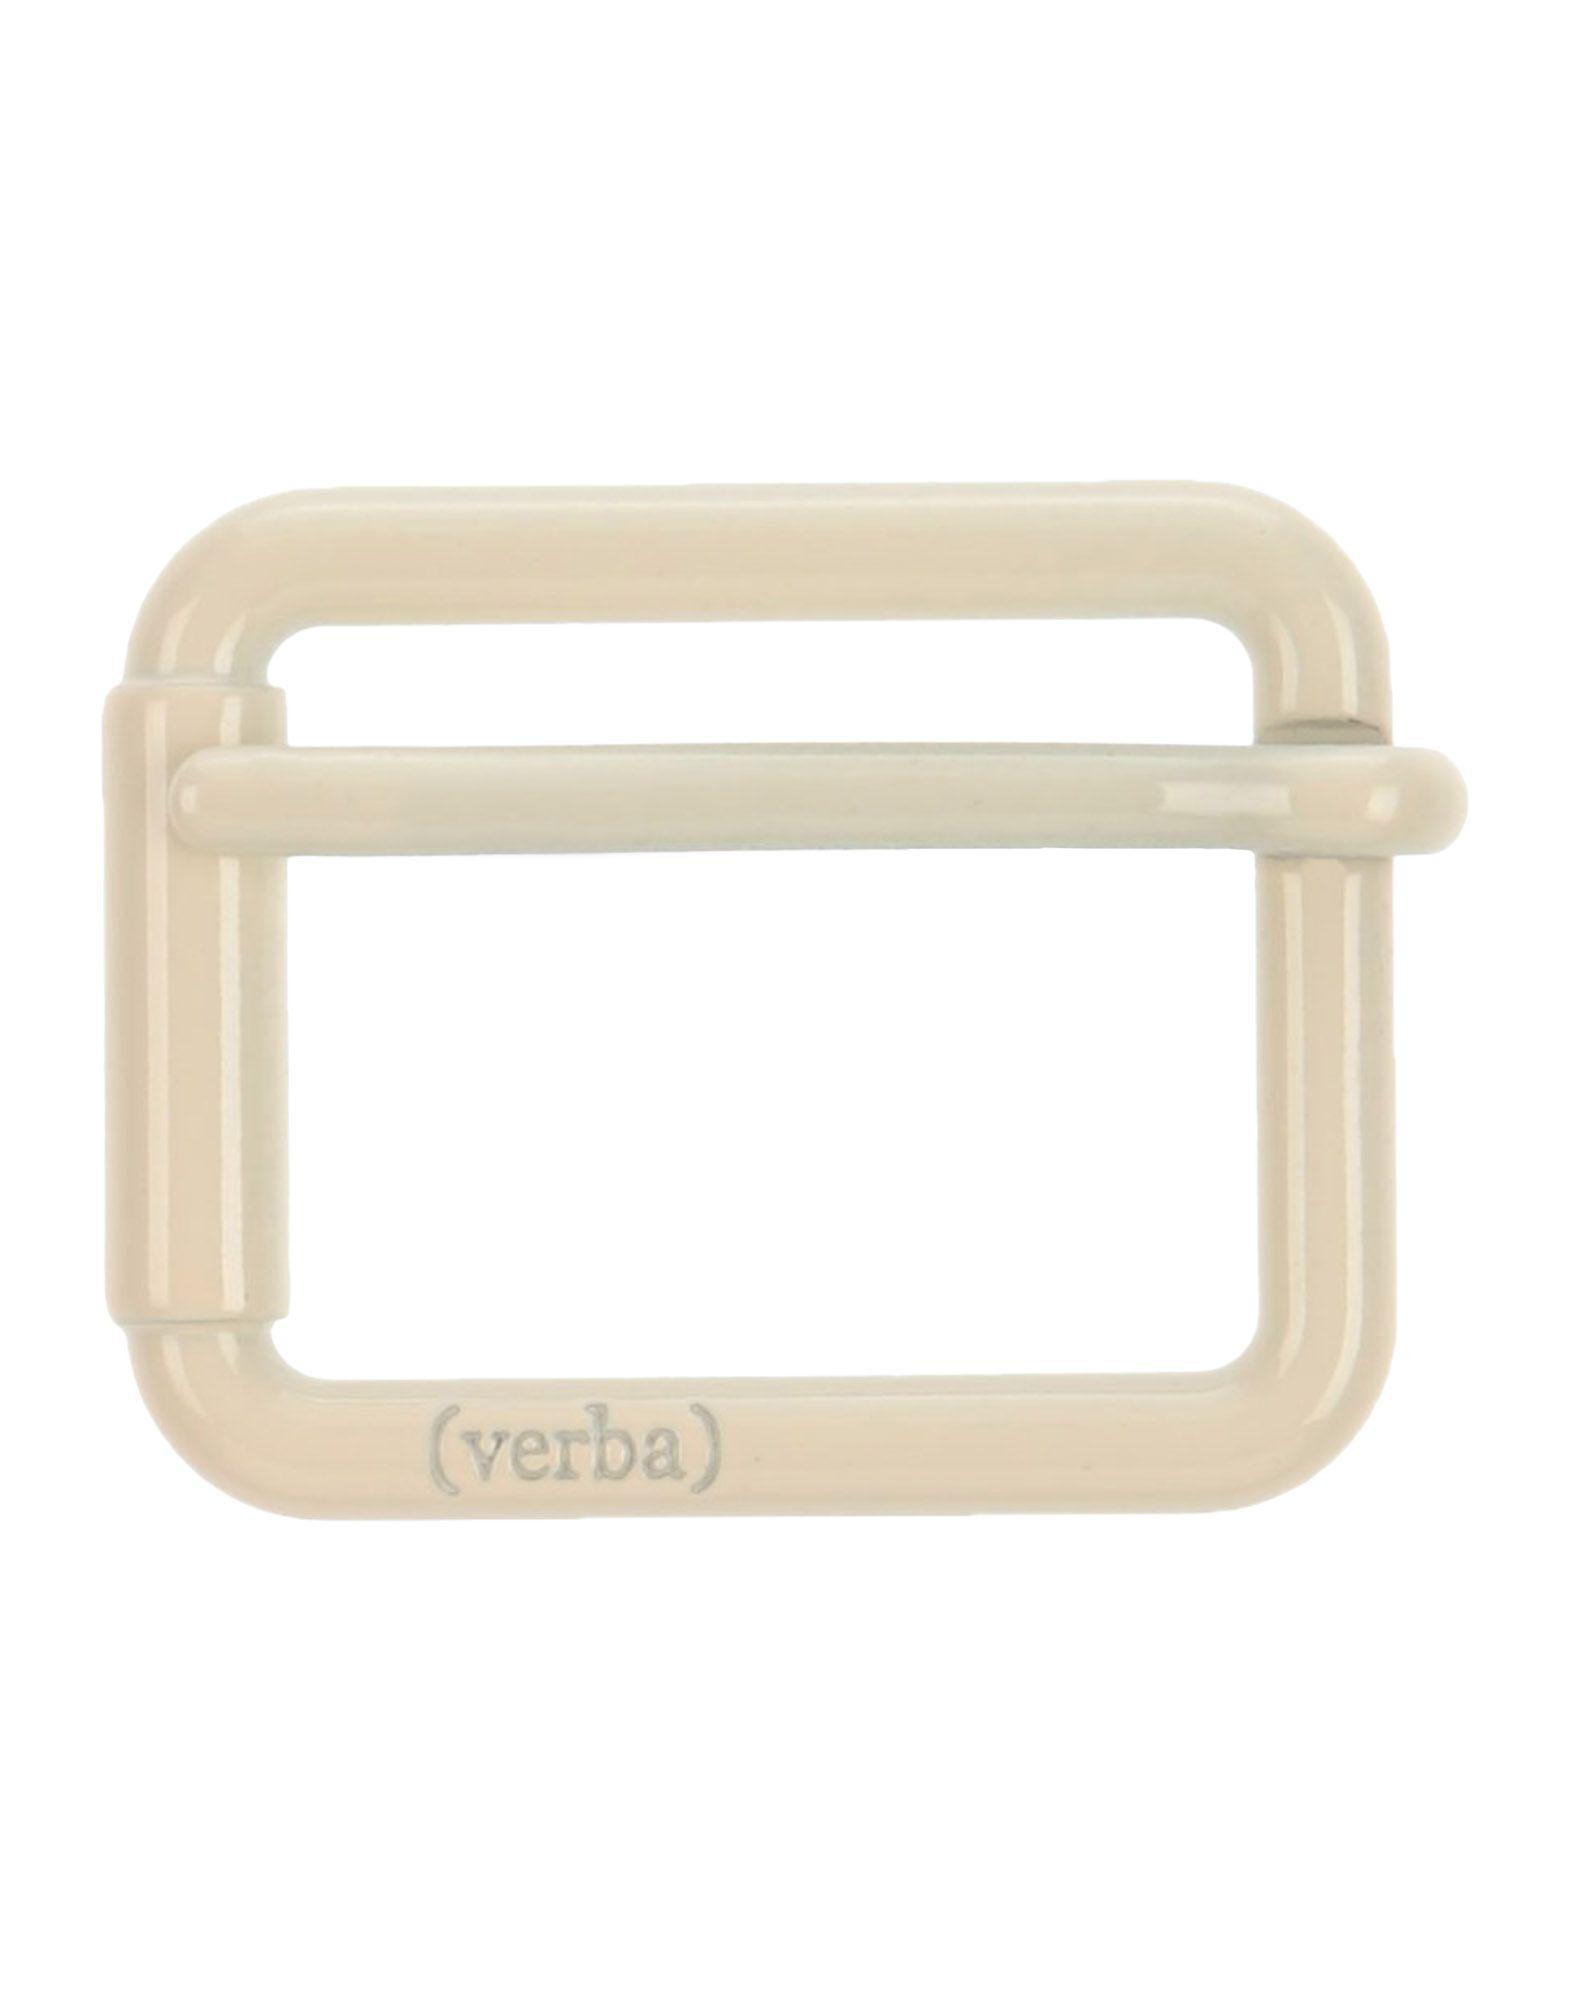 ACCESSORIES - Belt buckles Verba